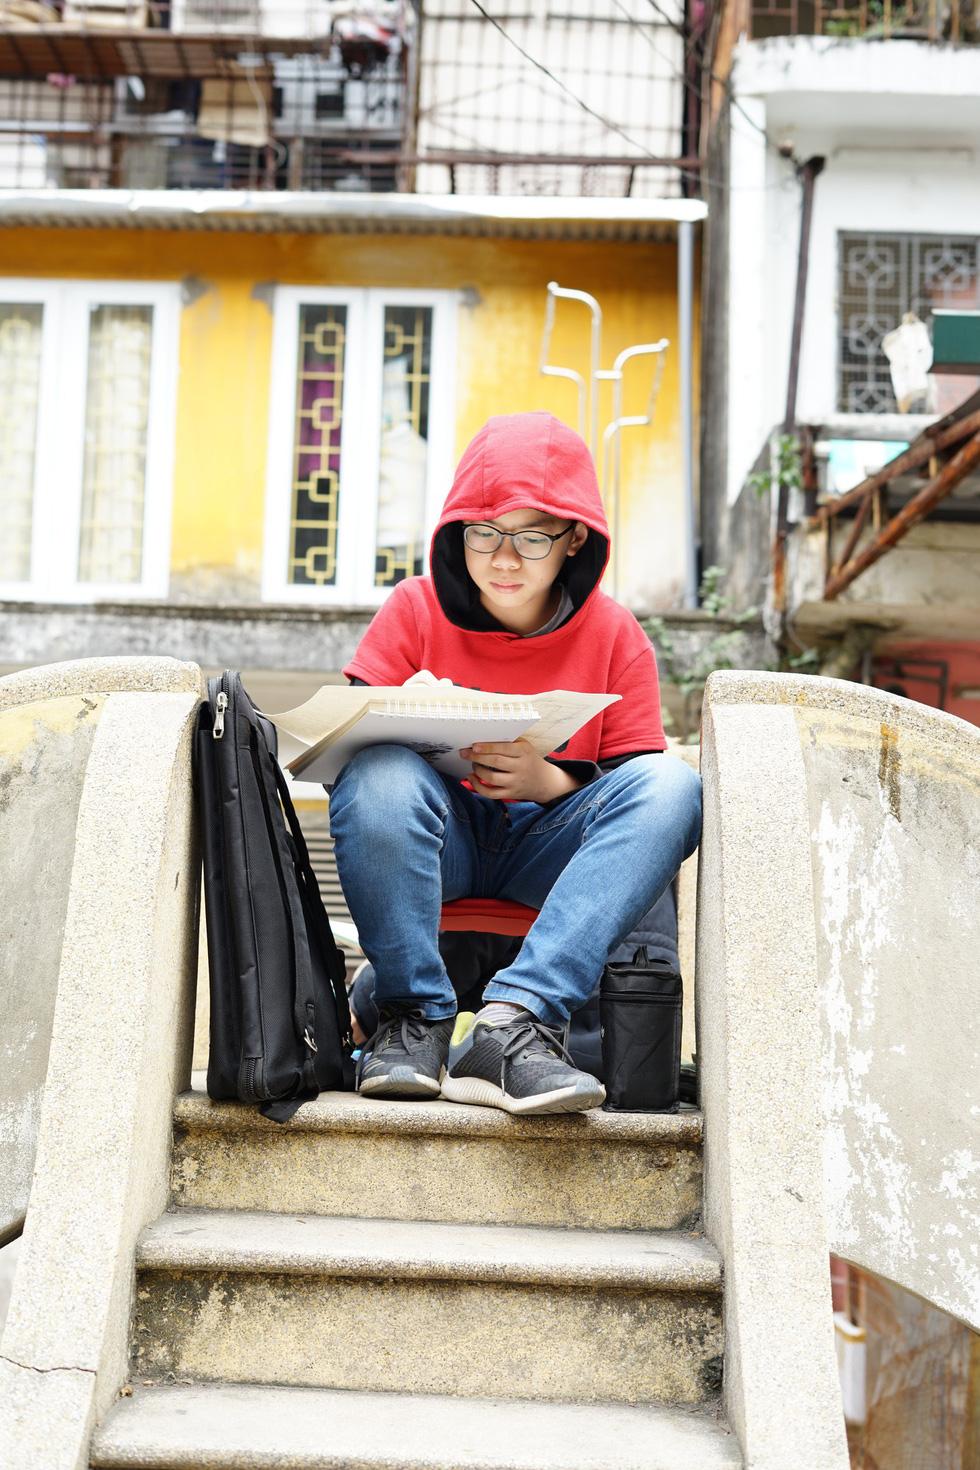 Ký họa đô thị Hà Nội: Những người vẽ bằng tình yêu... - Ảnh 4.